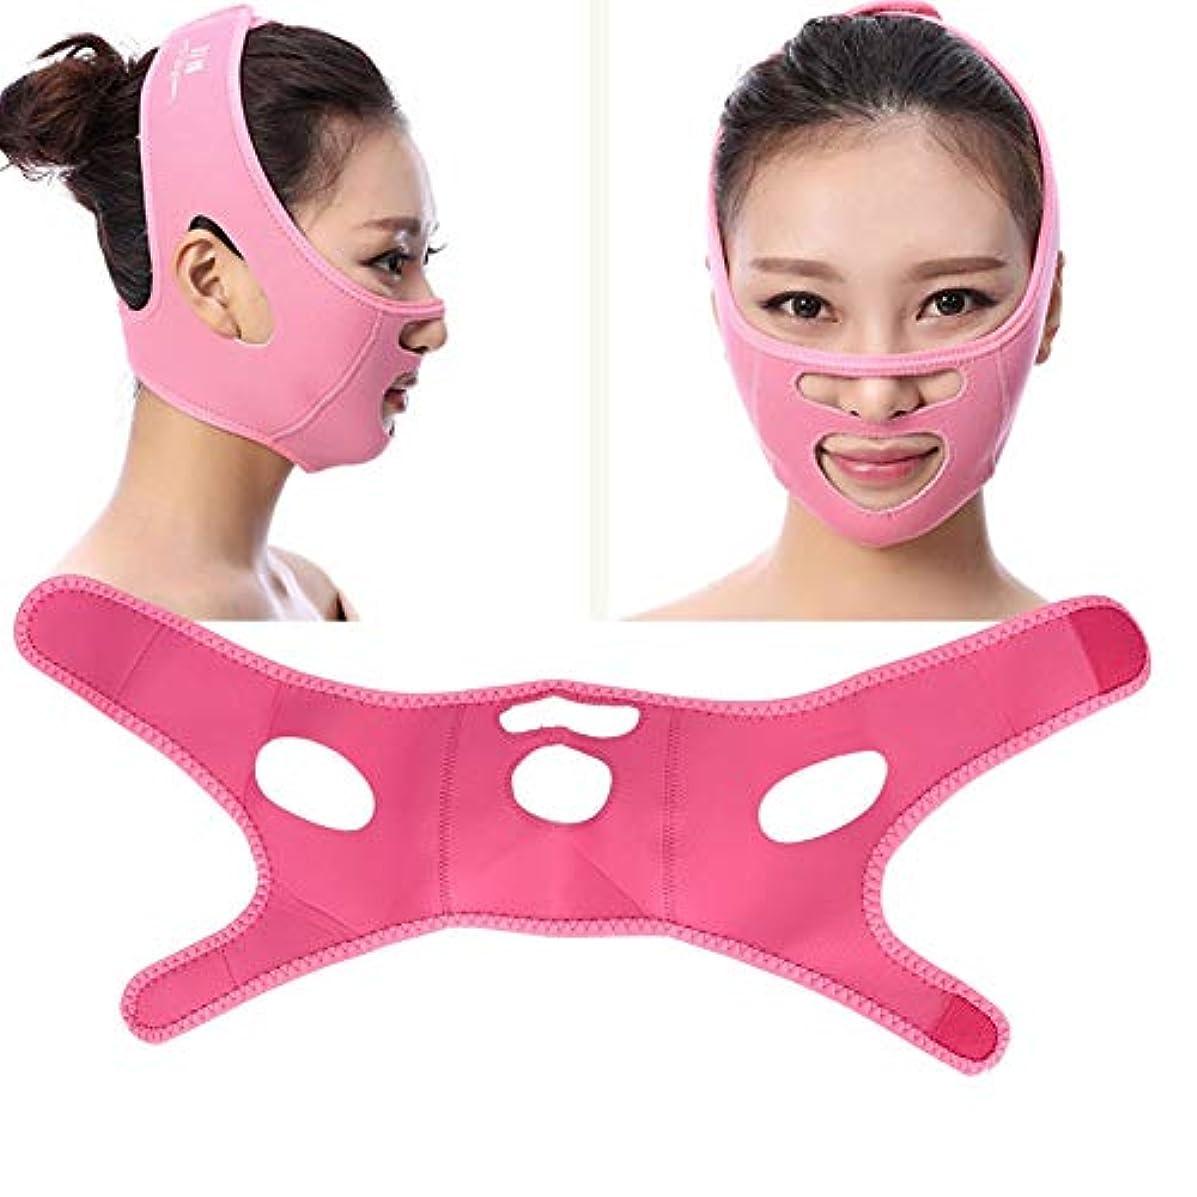 スズメバチ北方承知しましたスリミングマスク - V字型マスク、フェイスマスクV型 - 首とあごを持ち上げるため、アンチエイジング、しわを軽減